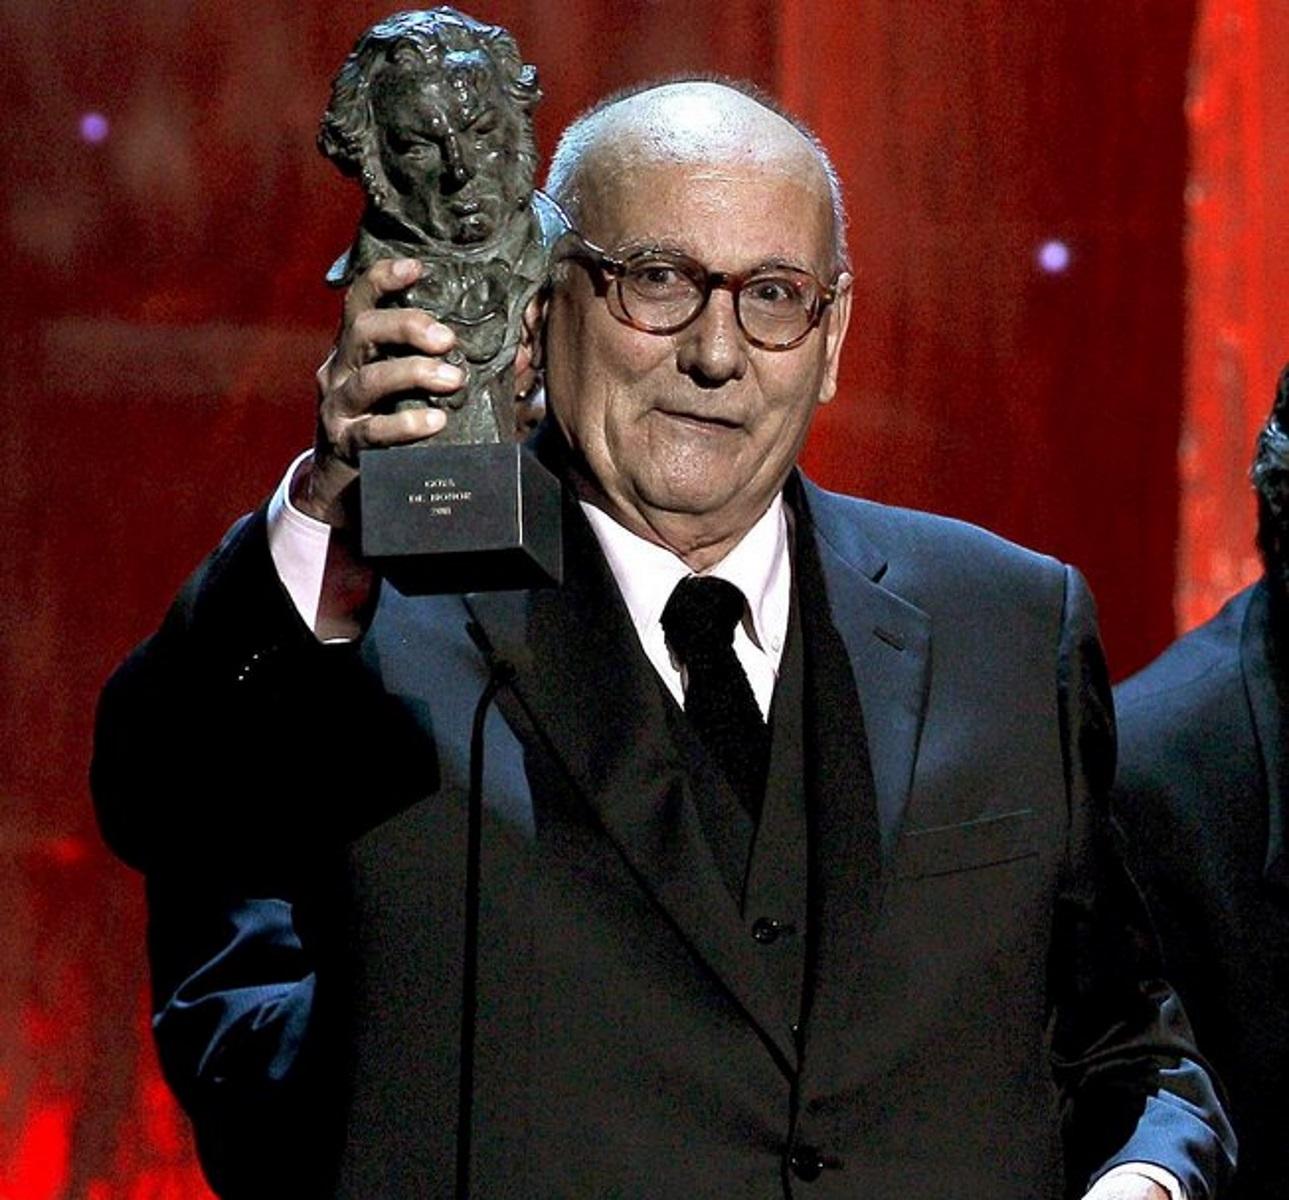 Ισπανία: Πέθανε ο βραβευμένος σκηνοθέτης Μάριο Κάμους